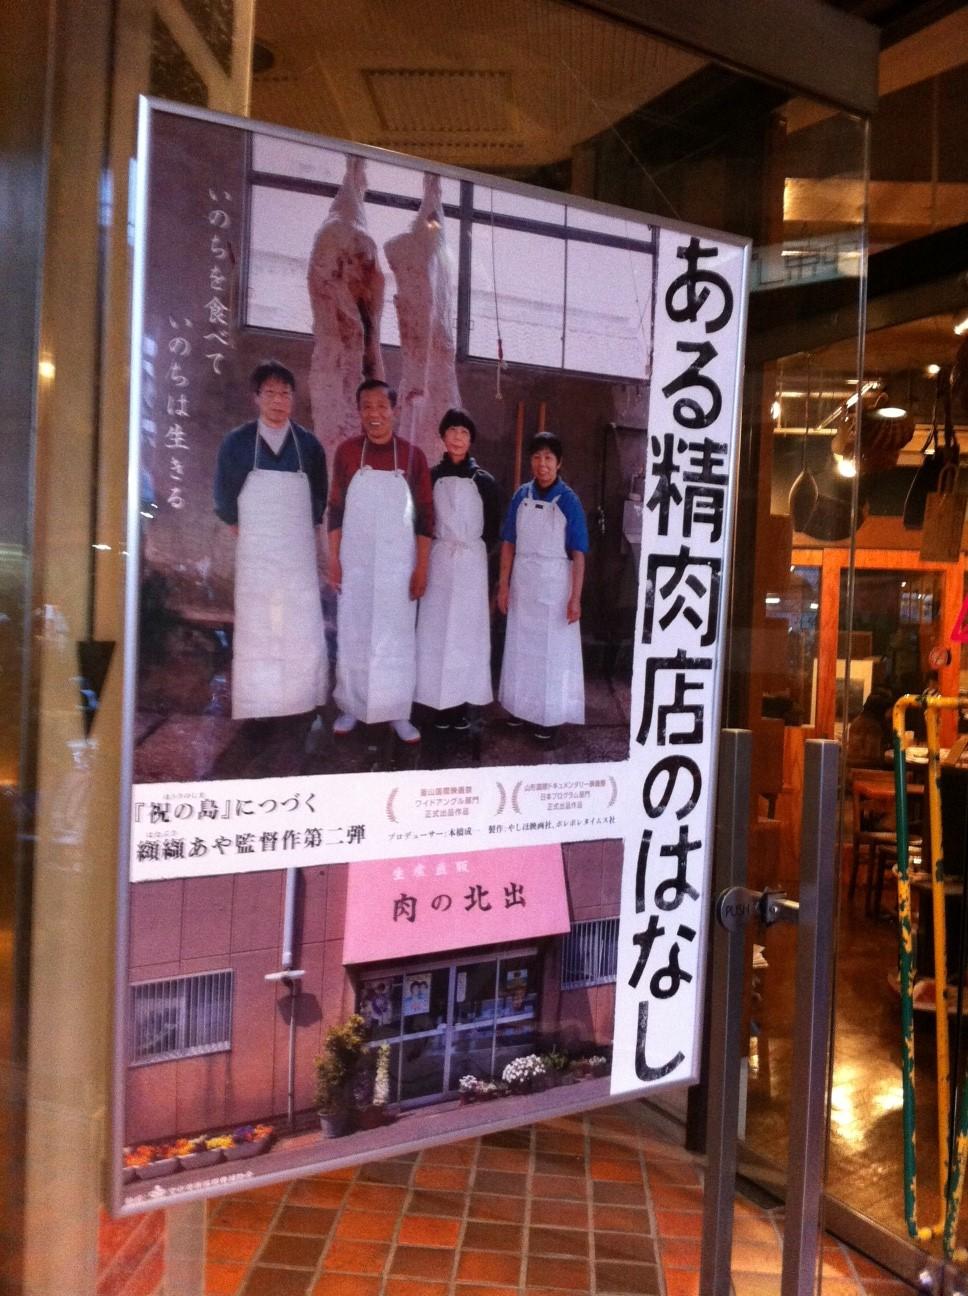 映画「ある精肉店のはなし」を観てきた_d0122797_2315281.jpg